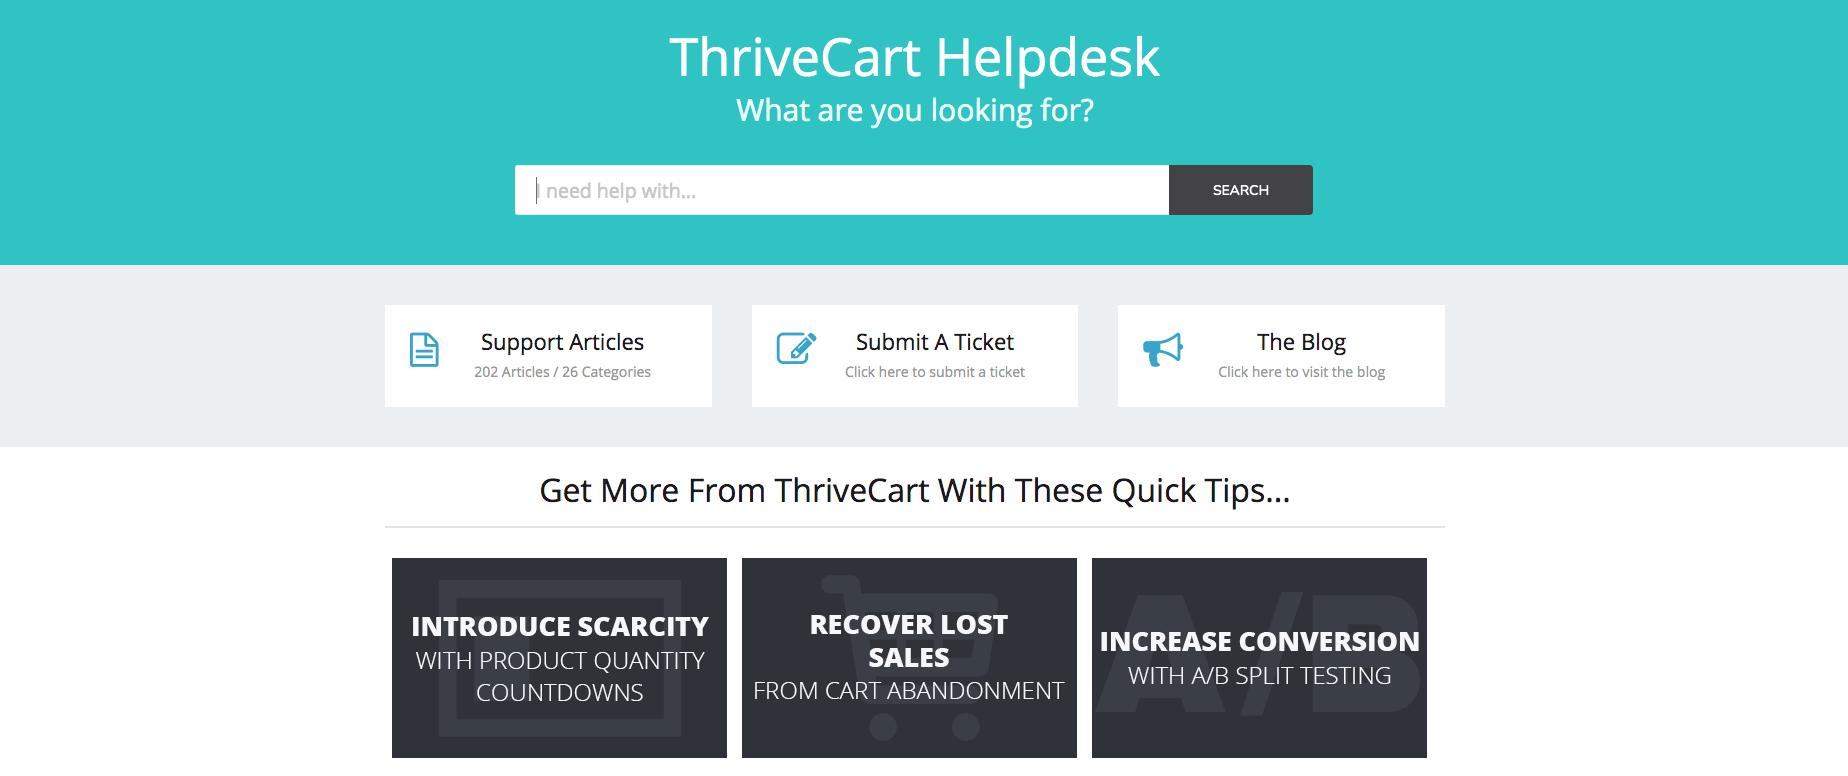 ThriveCart helpdesk